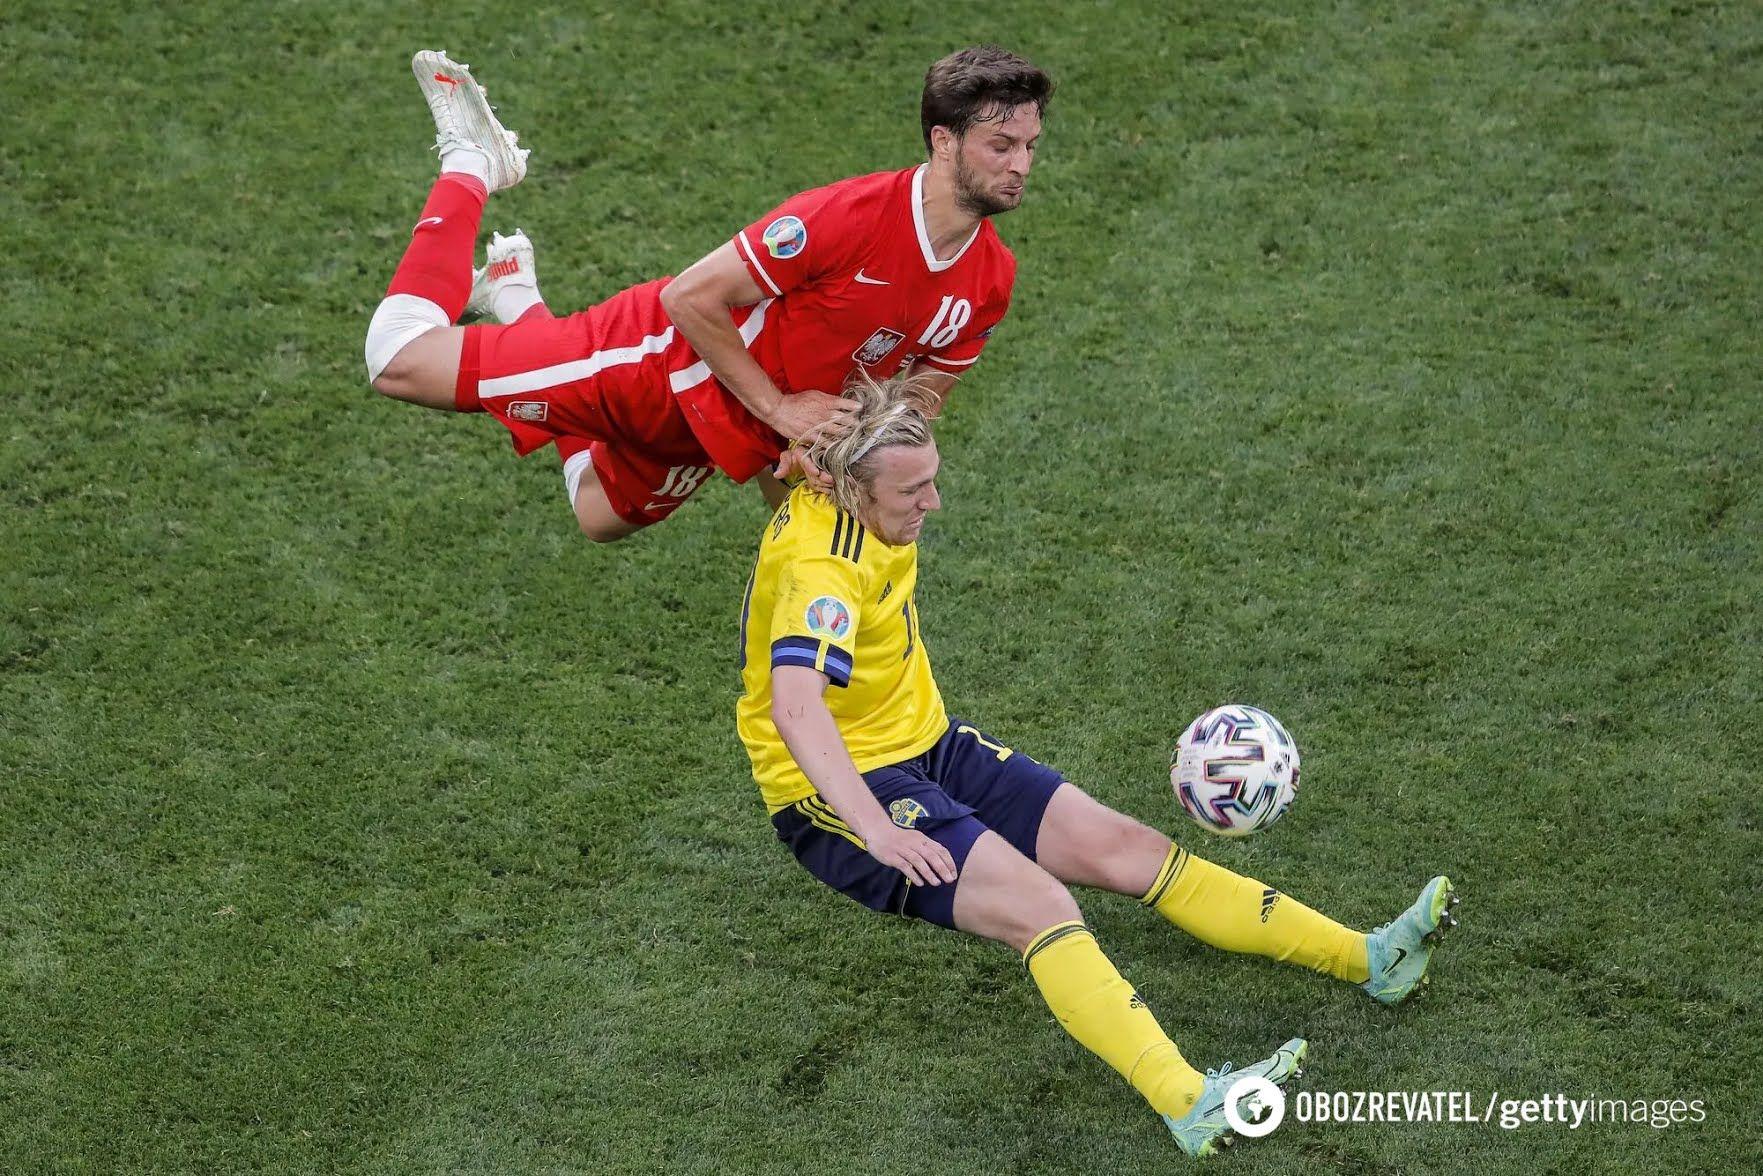 Форсберг в боротьбі із захисником.